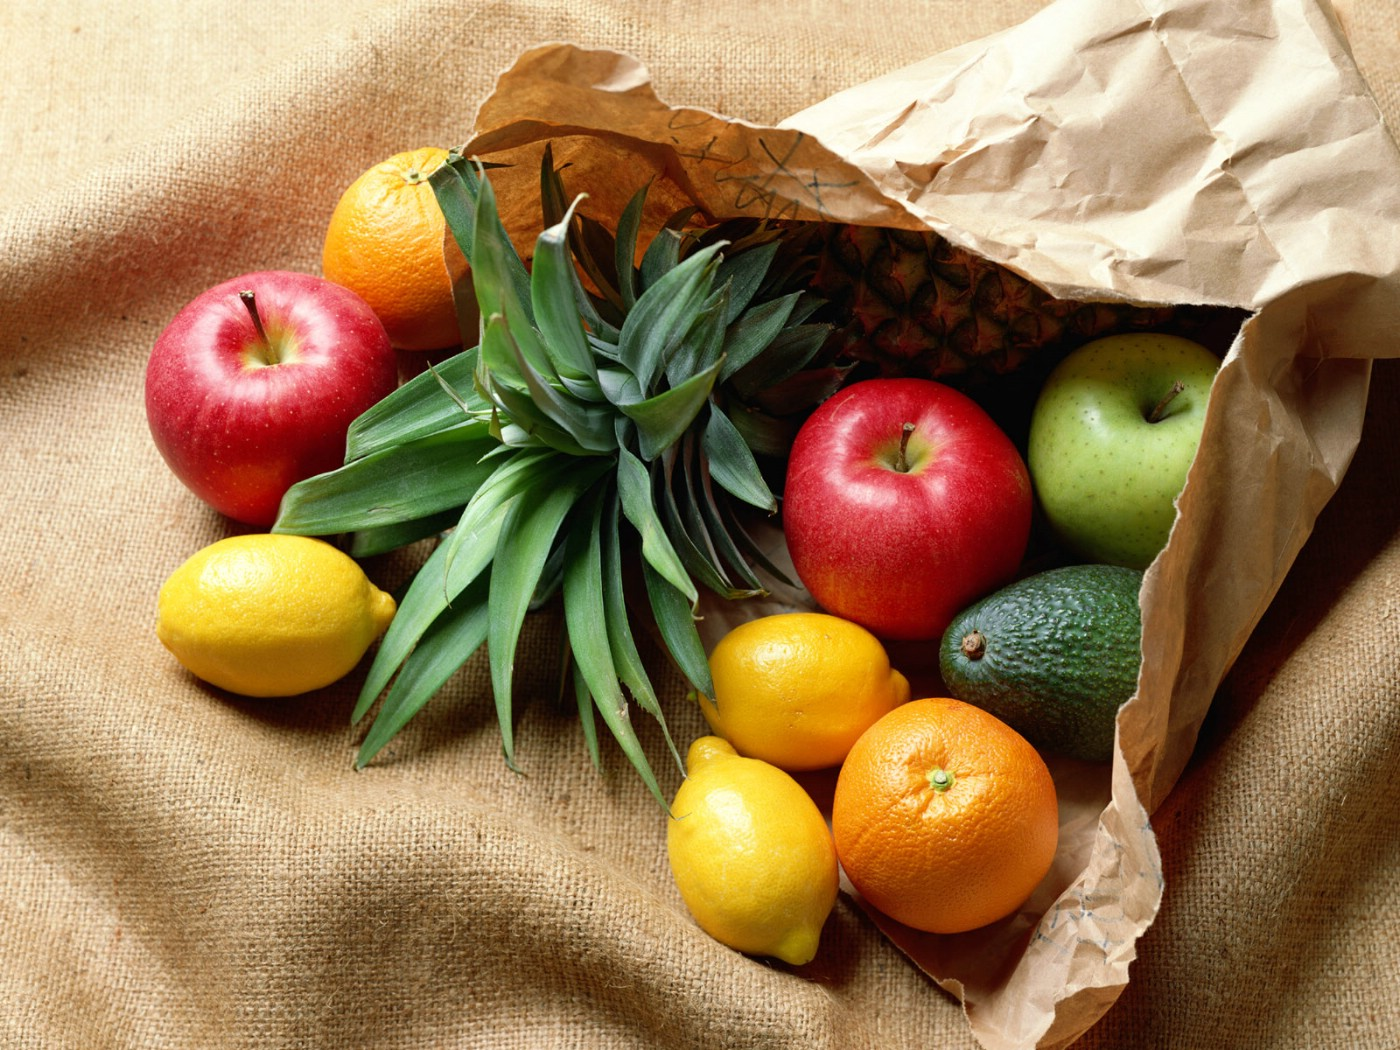 水果背景图片素材_壁纸1400×10501600水果 6 13壁纸,1600水果壁纸图片-花卉壁纸-花卉图片 ...